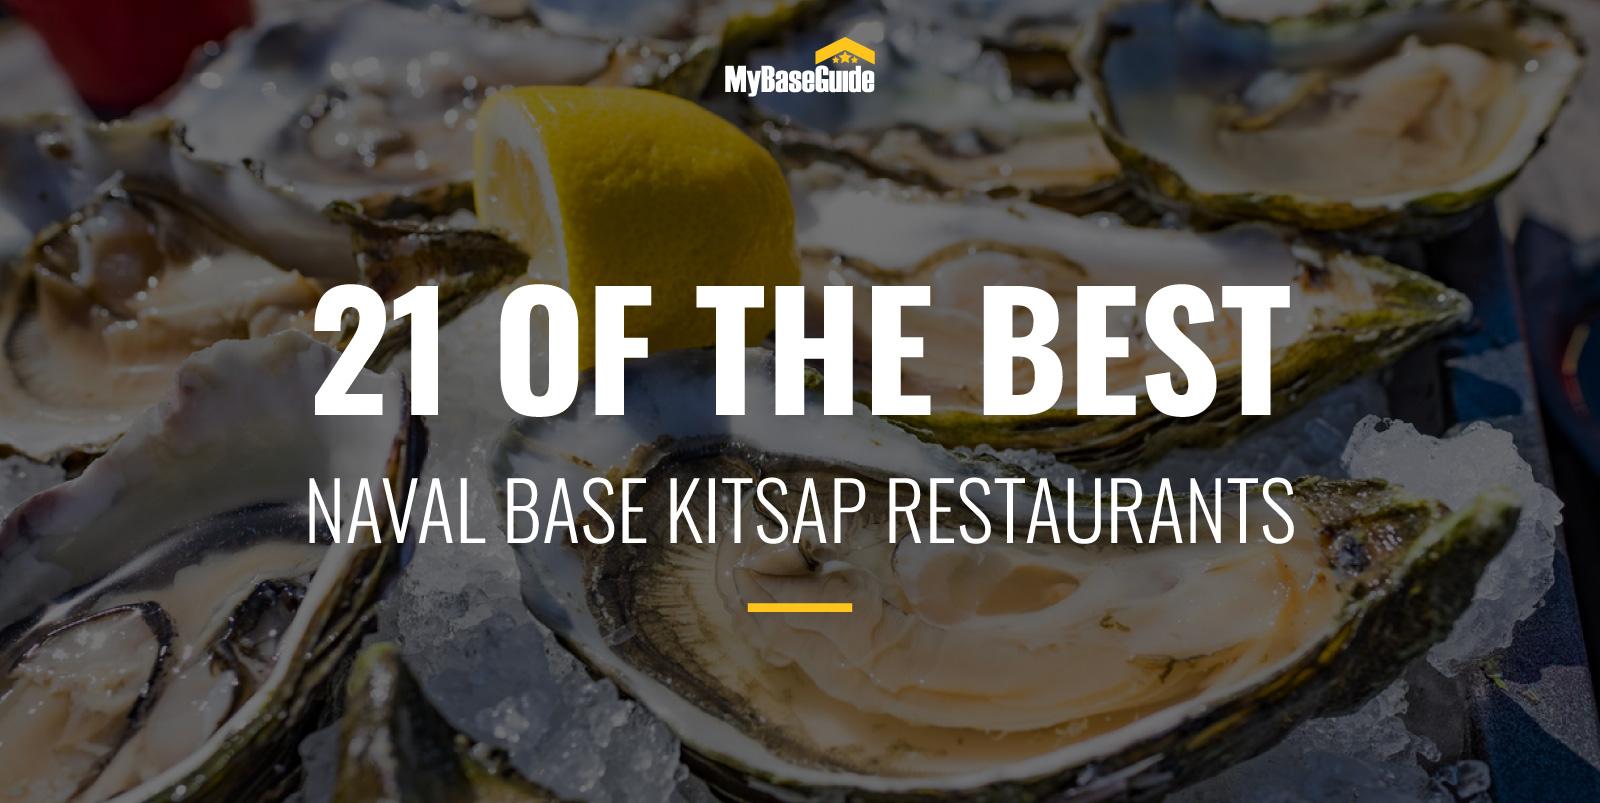 21 Of the Best Naval Base Kitsap Restaurants